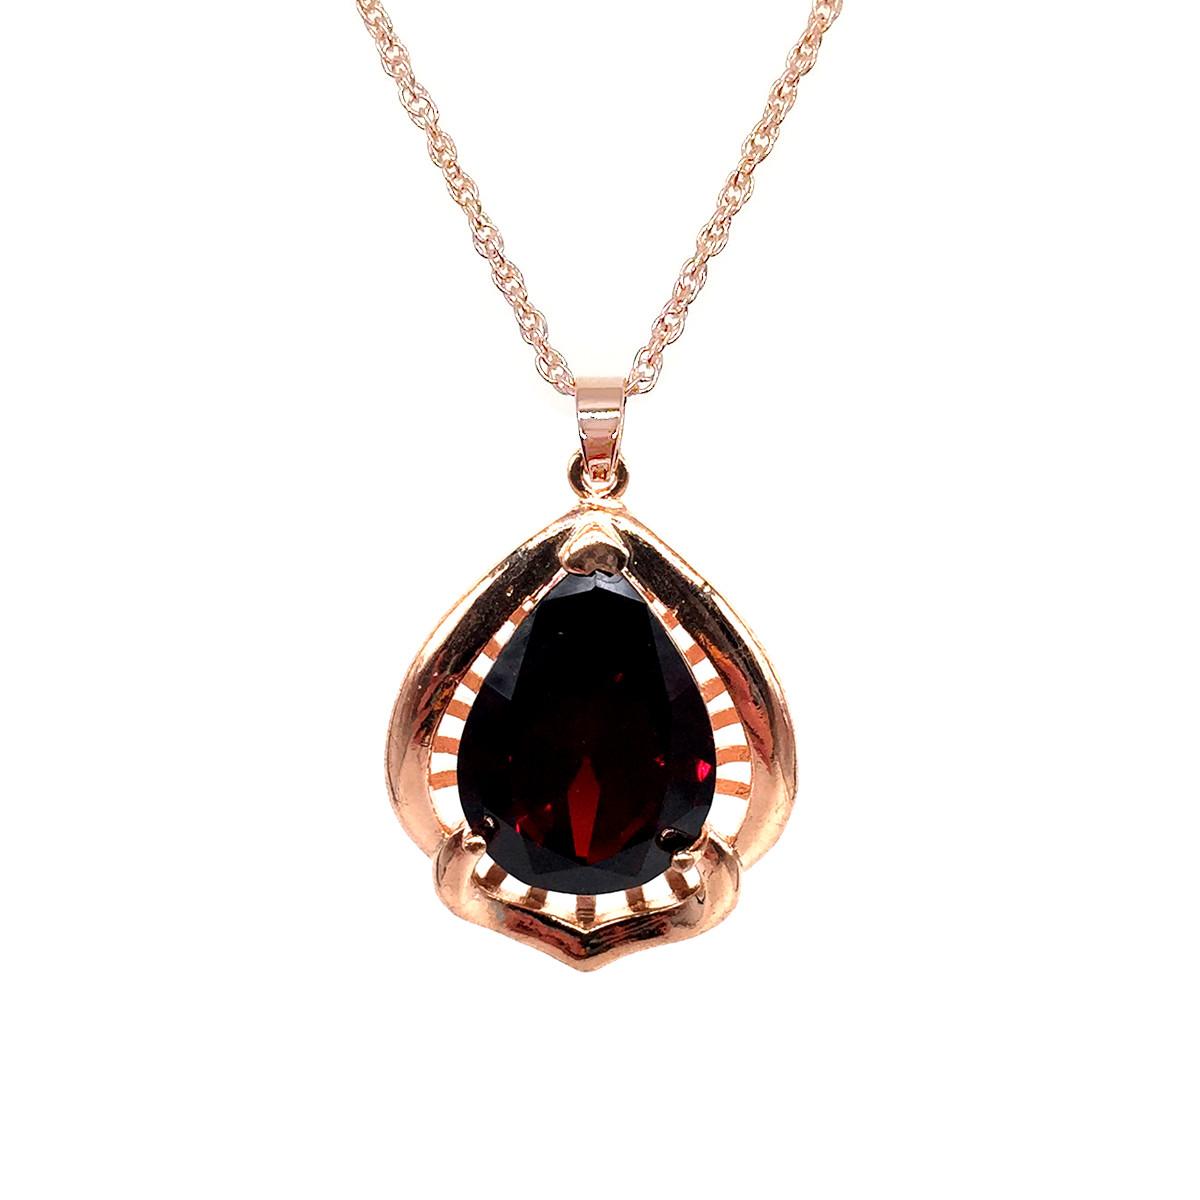 Підвіска на ланцюжку SONATA з медичного золота, темно-червоний фіаніт, позолота PO, 42075 (1)